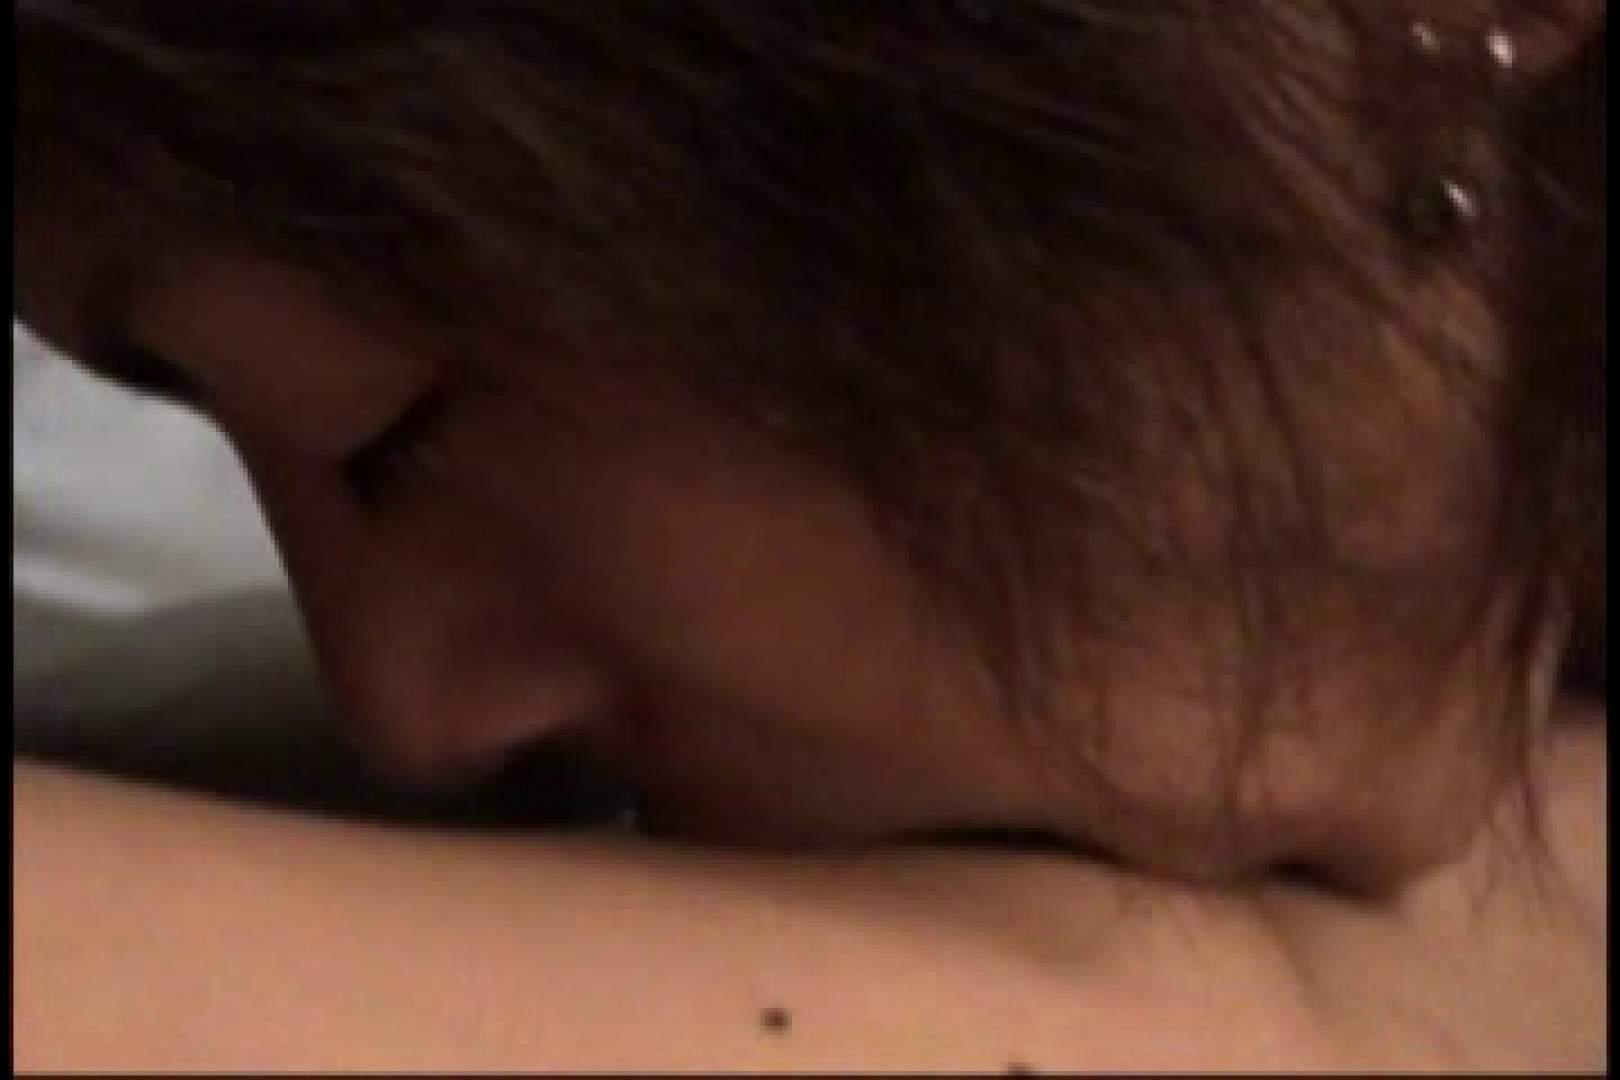 三ッ星シリーズ!!イケメン羞恥心File.05 口内射精 | チンポ無修正  10枚 4